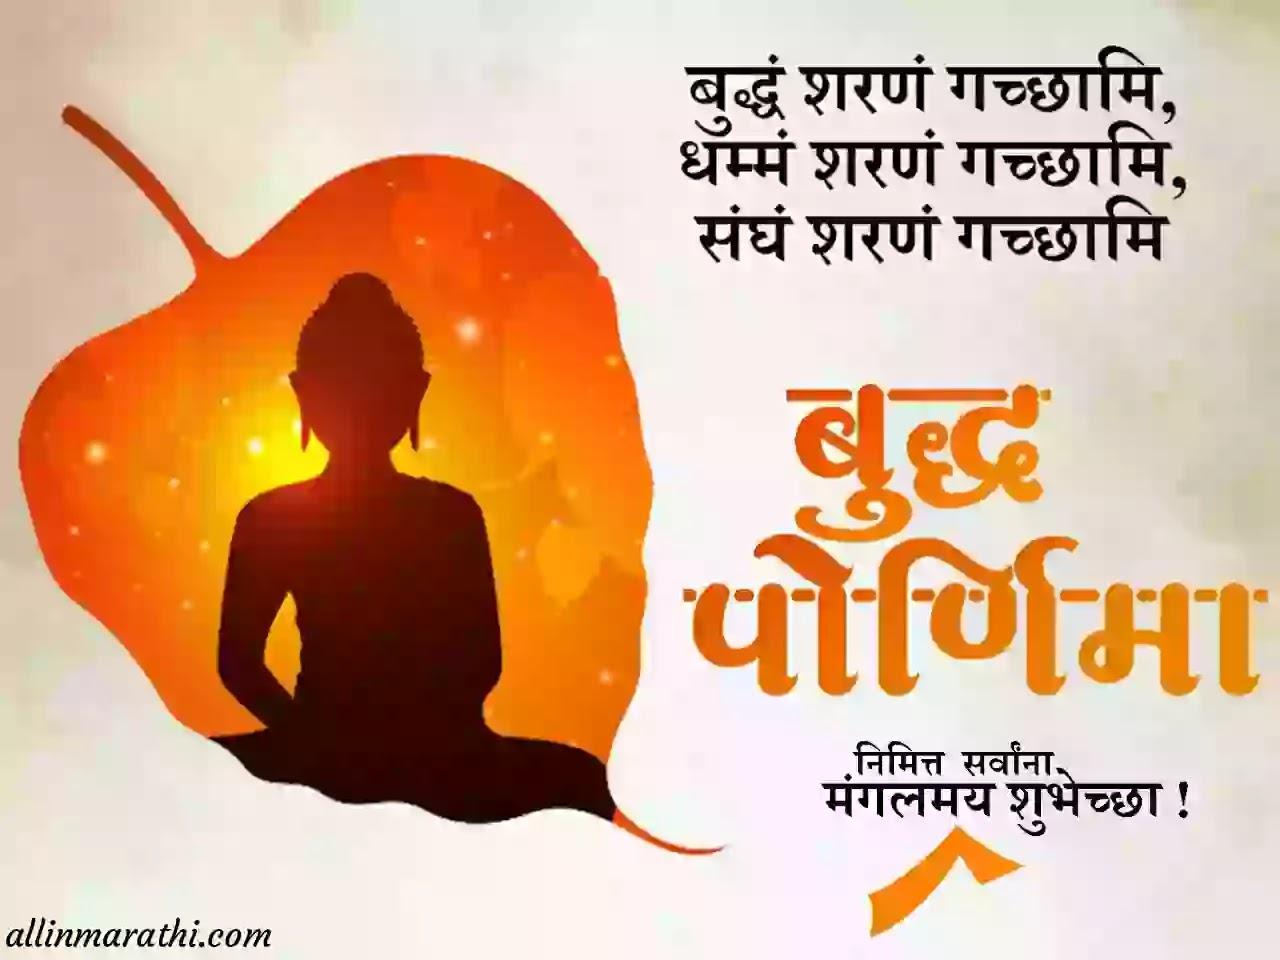 Buddha-jayanti-wishes-marathi